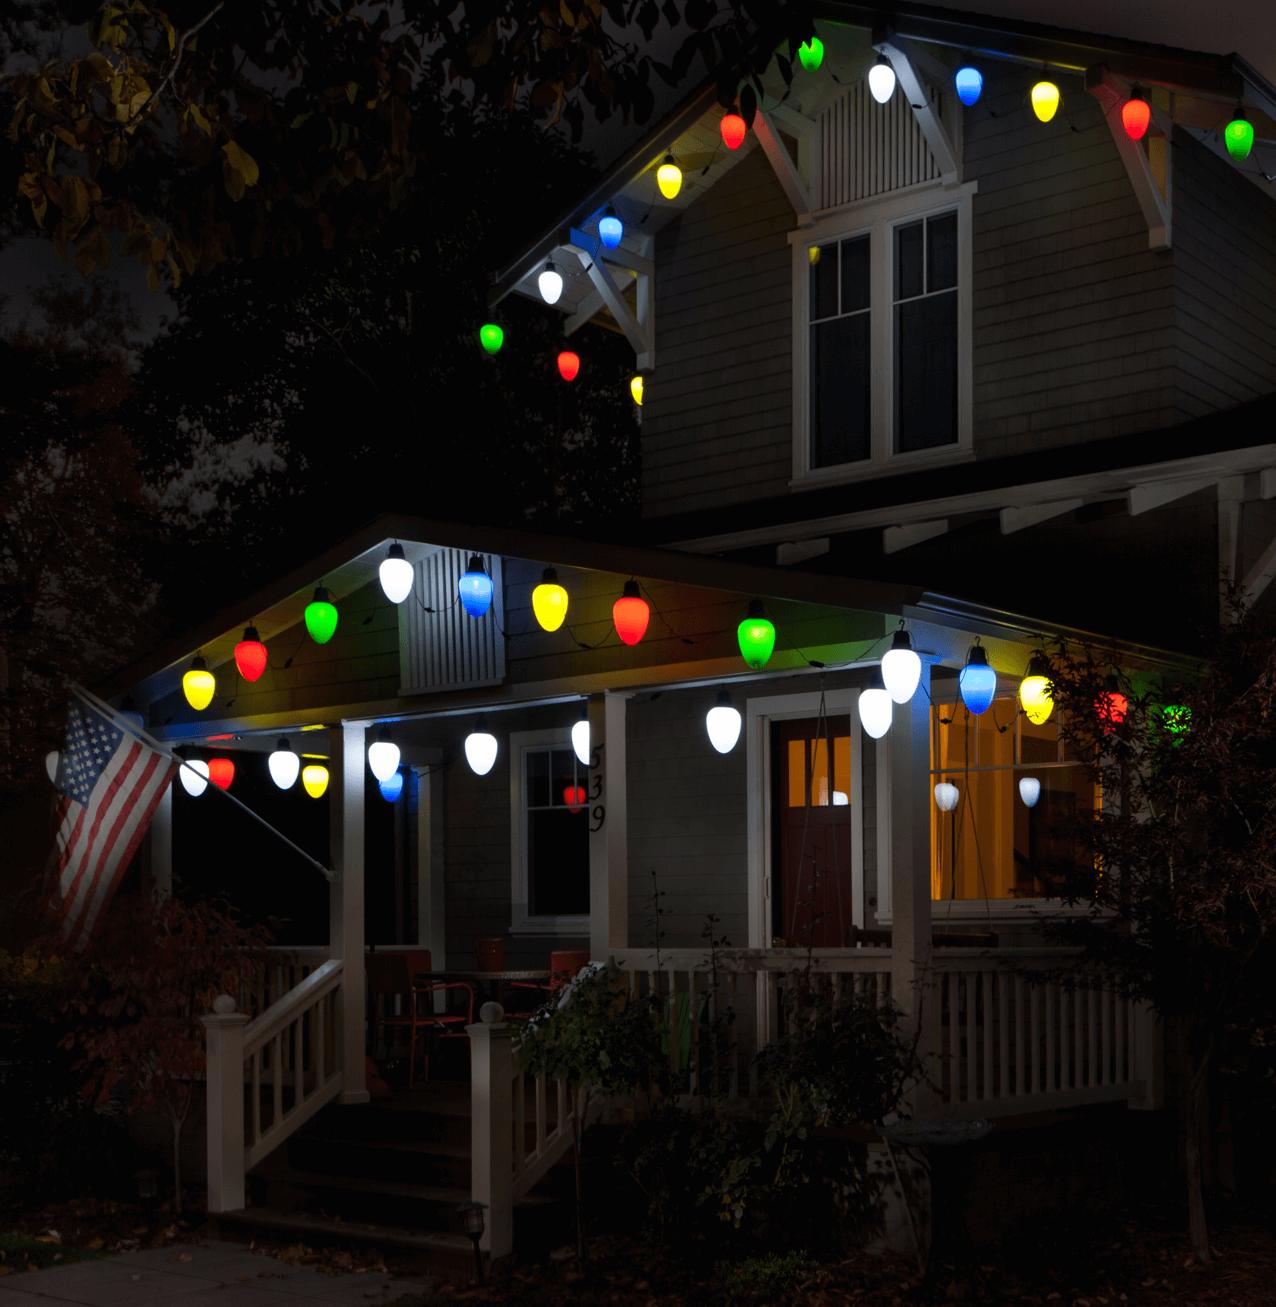 Led Christmas Lights Png.Really Big Lights For Christmas Fun Stuff Led Christmas